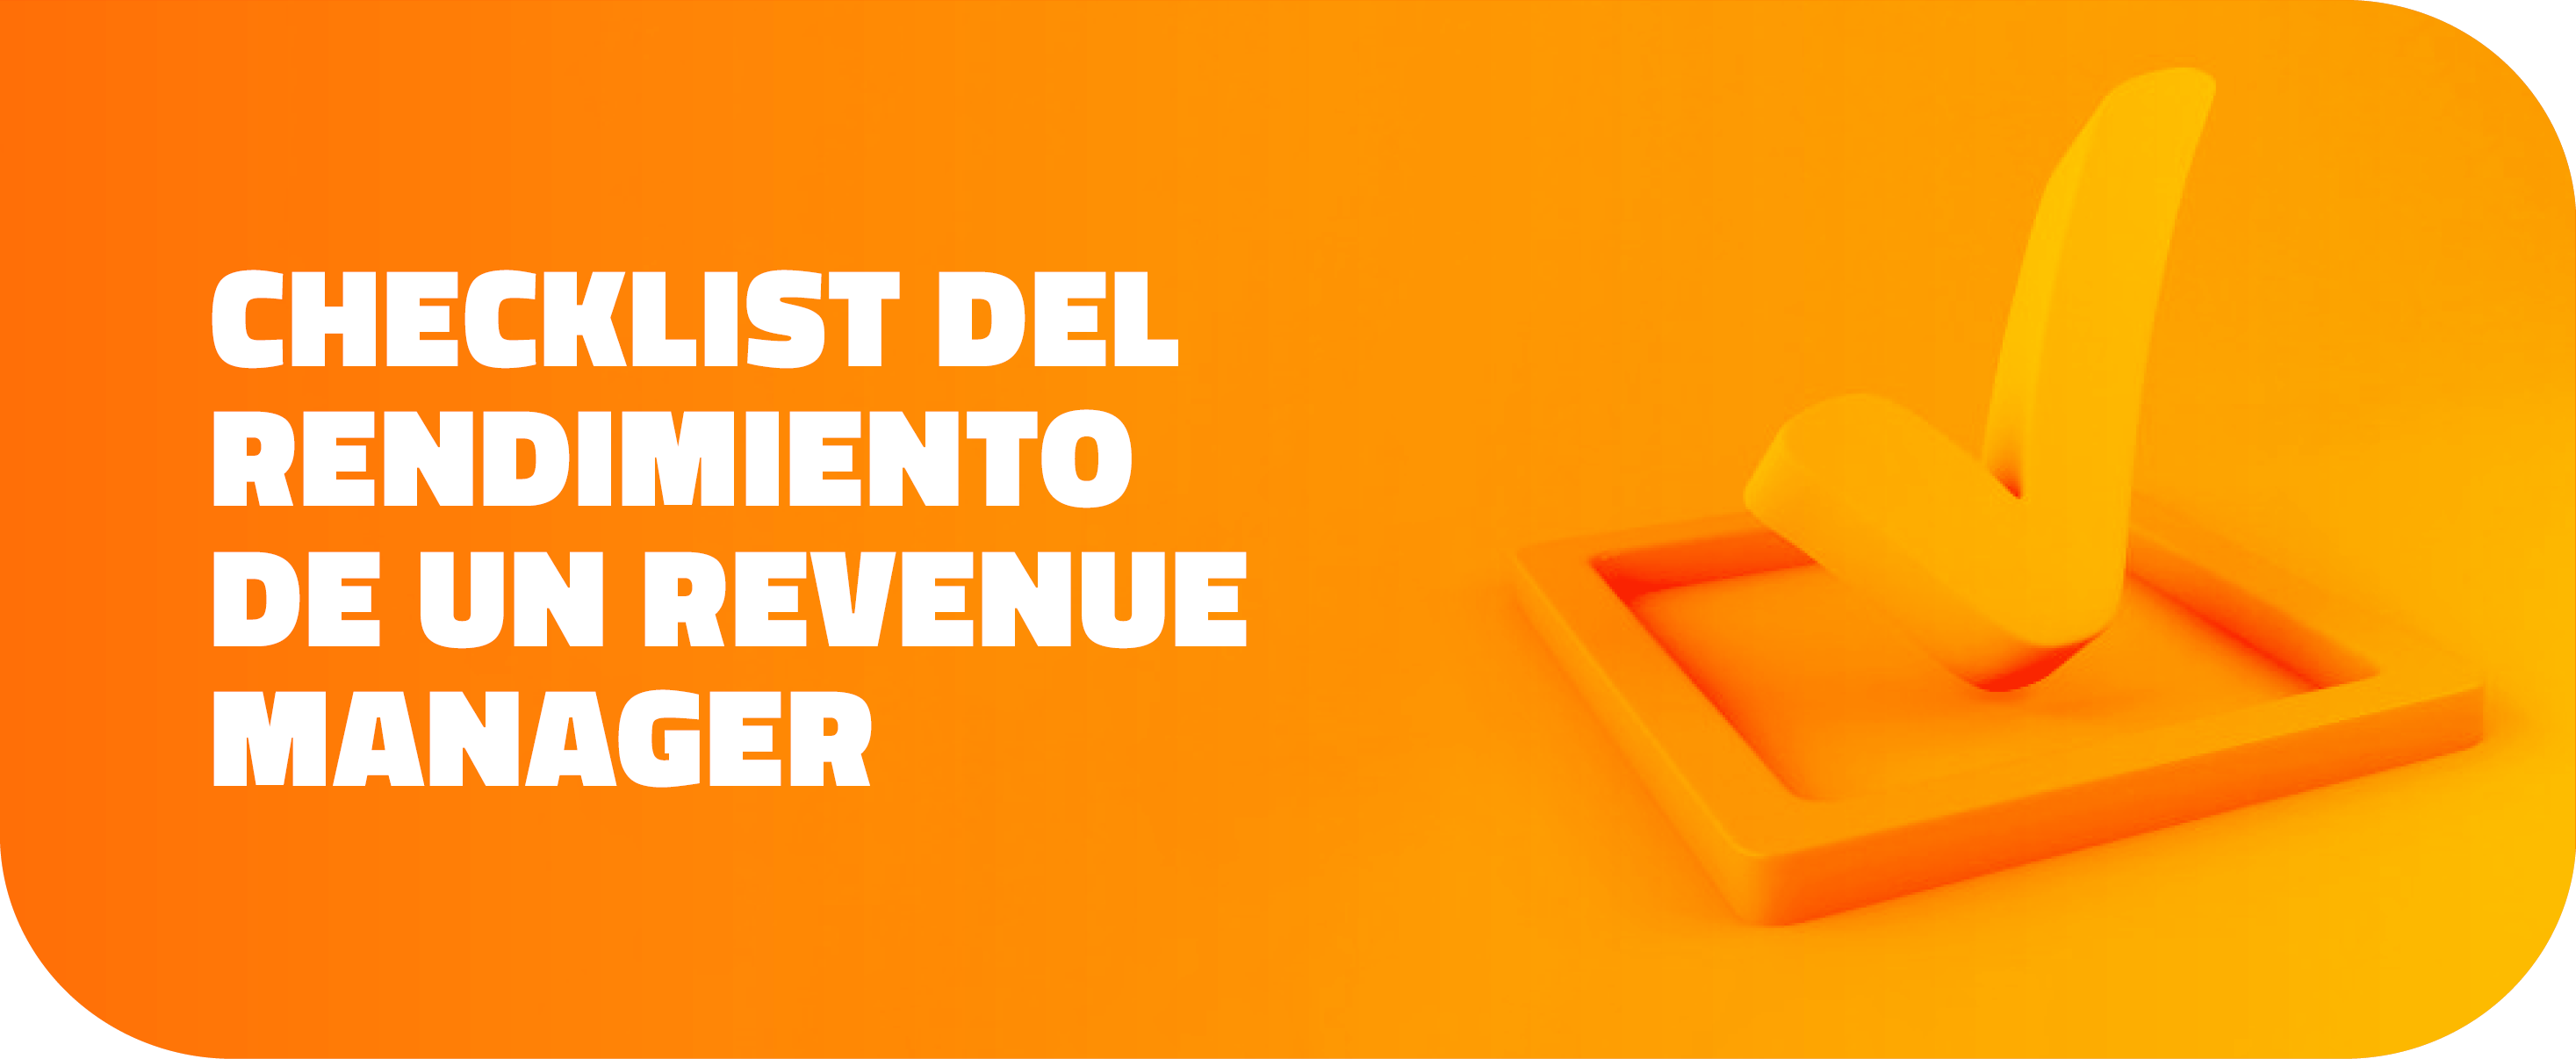 Checklist del rendimiento de um revenue manager